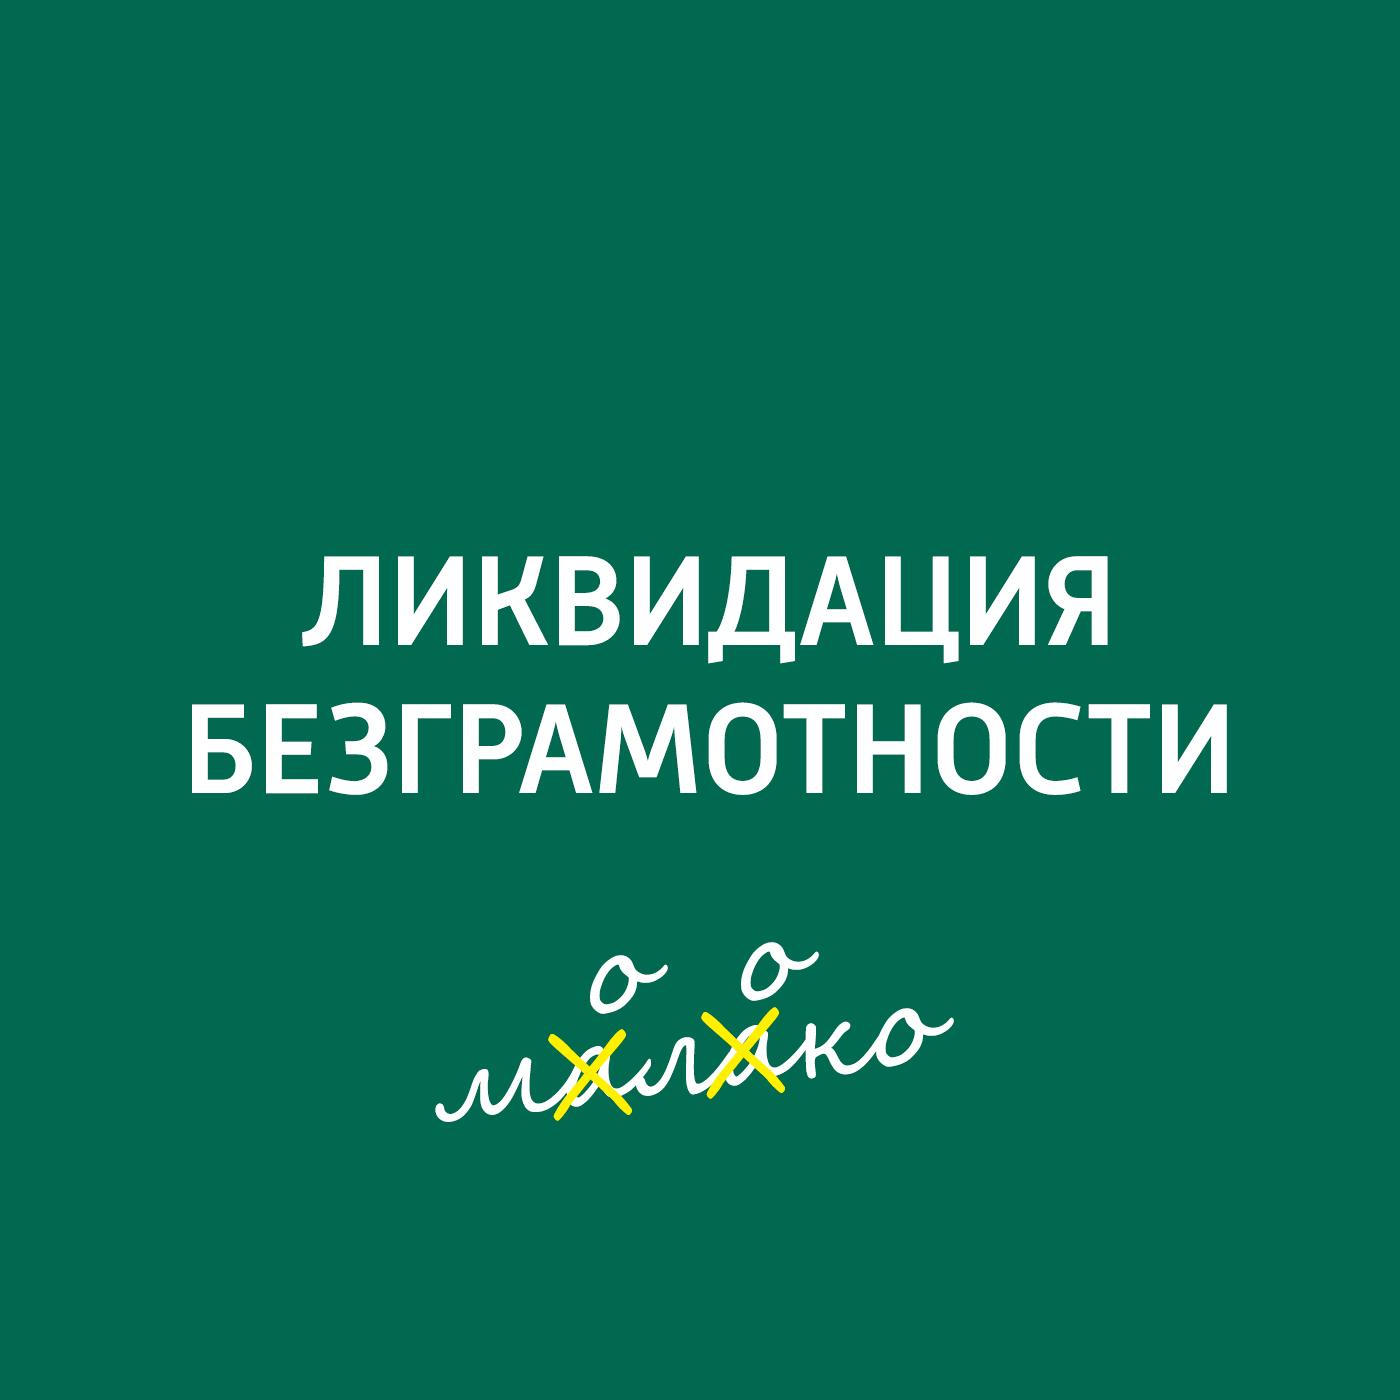 Творческий коллектив шоу «Сергей Стиллавин и его друзья» убедить собеседника в своей правоте?